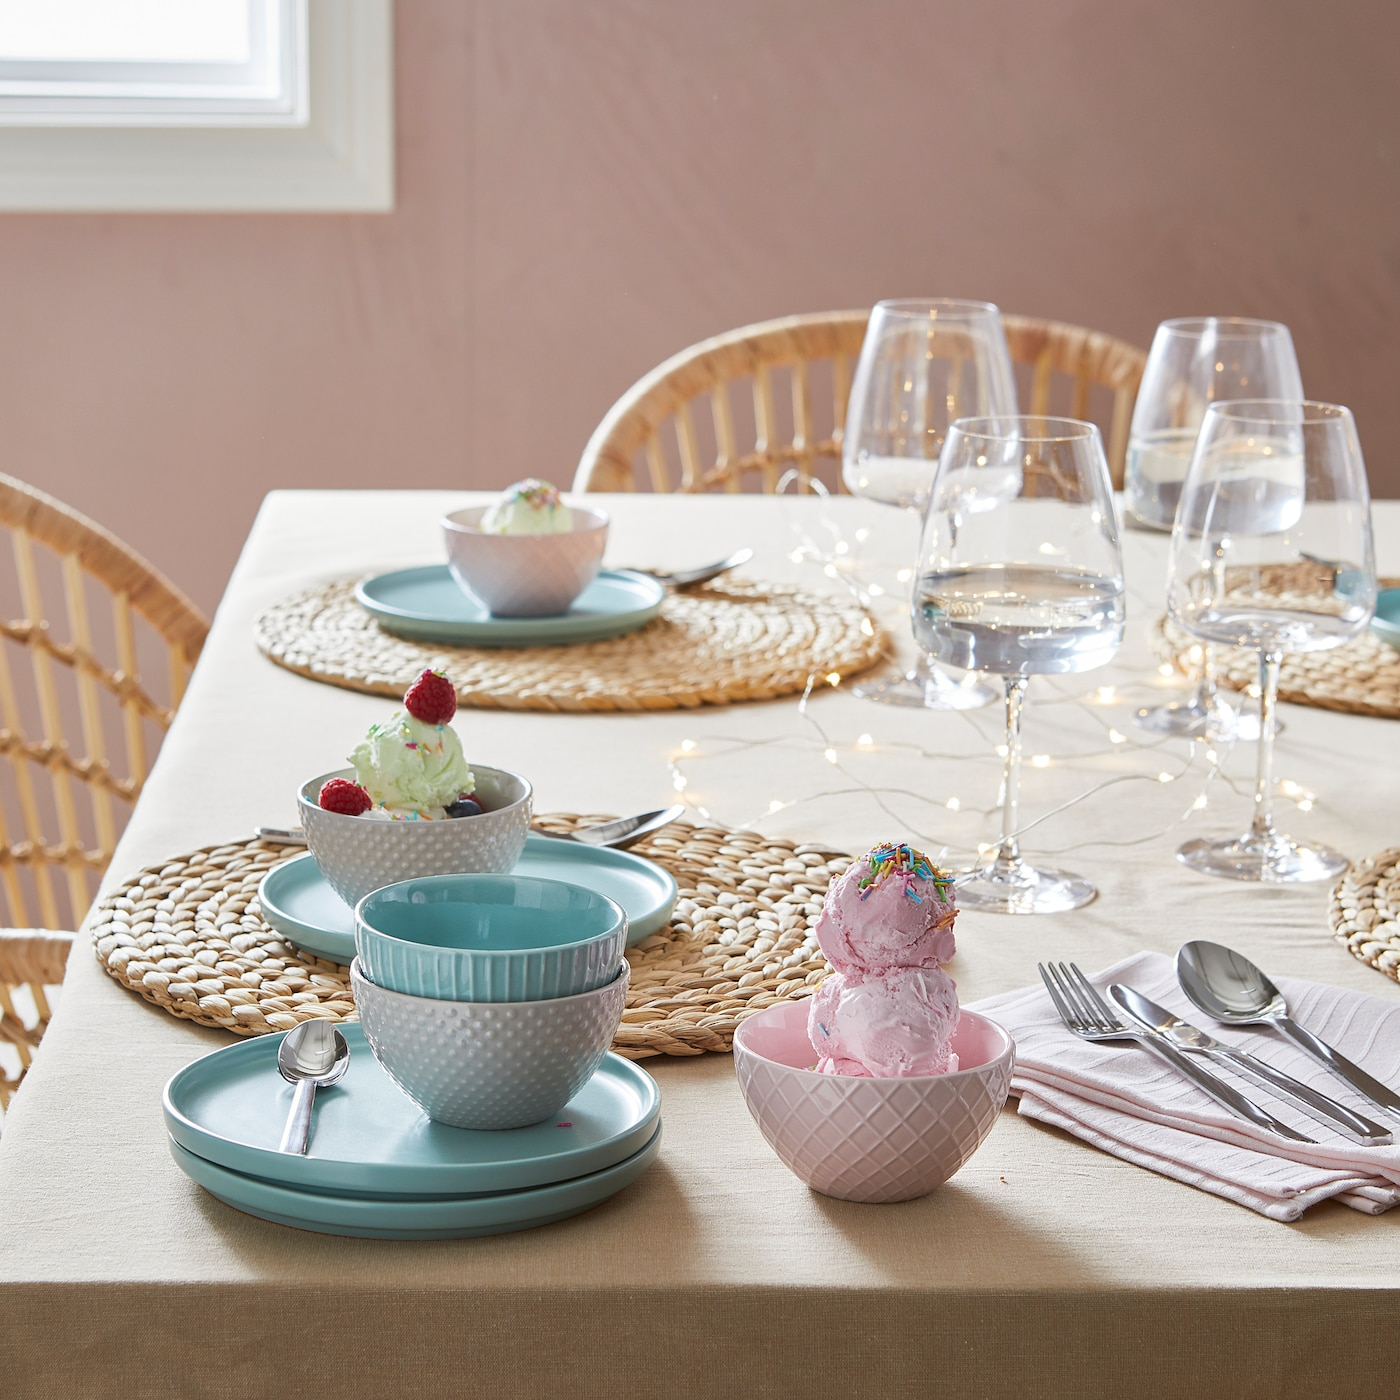 SOARÉ Set de table, jacinthe d'eau, 37 cm